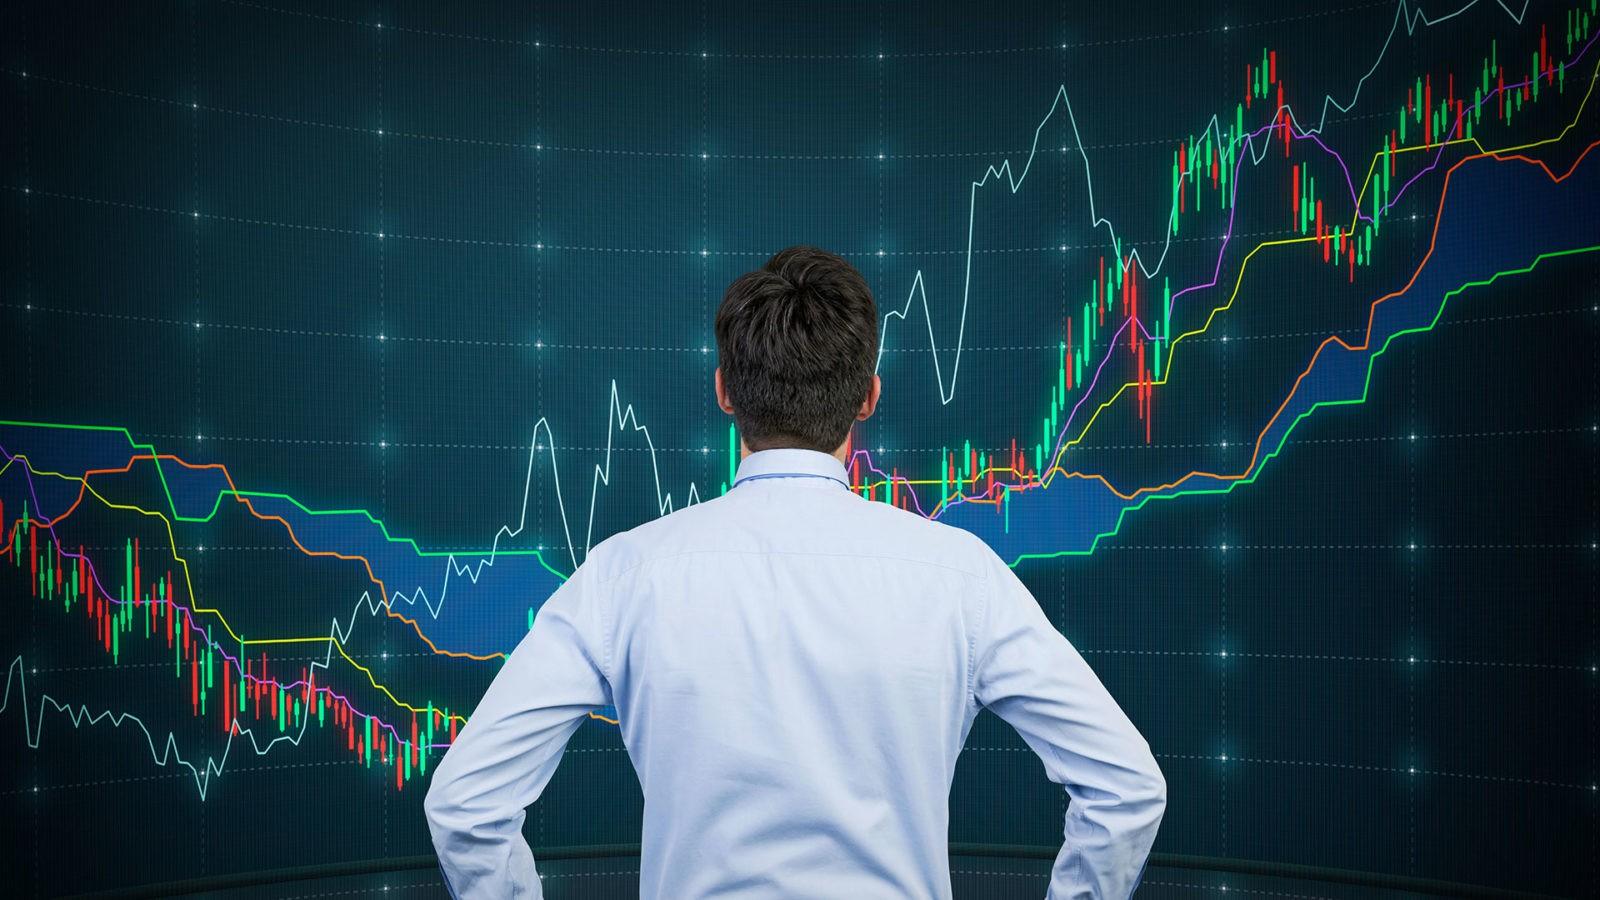 инвестирование на фондовом рынке